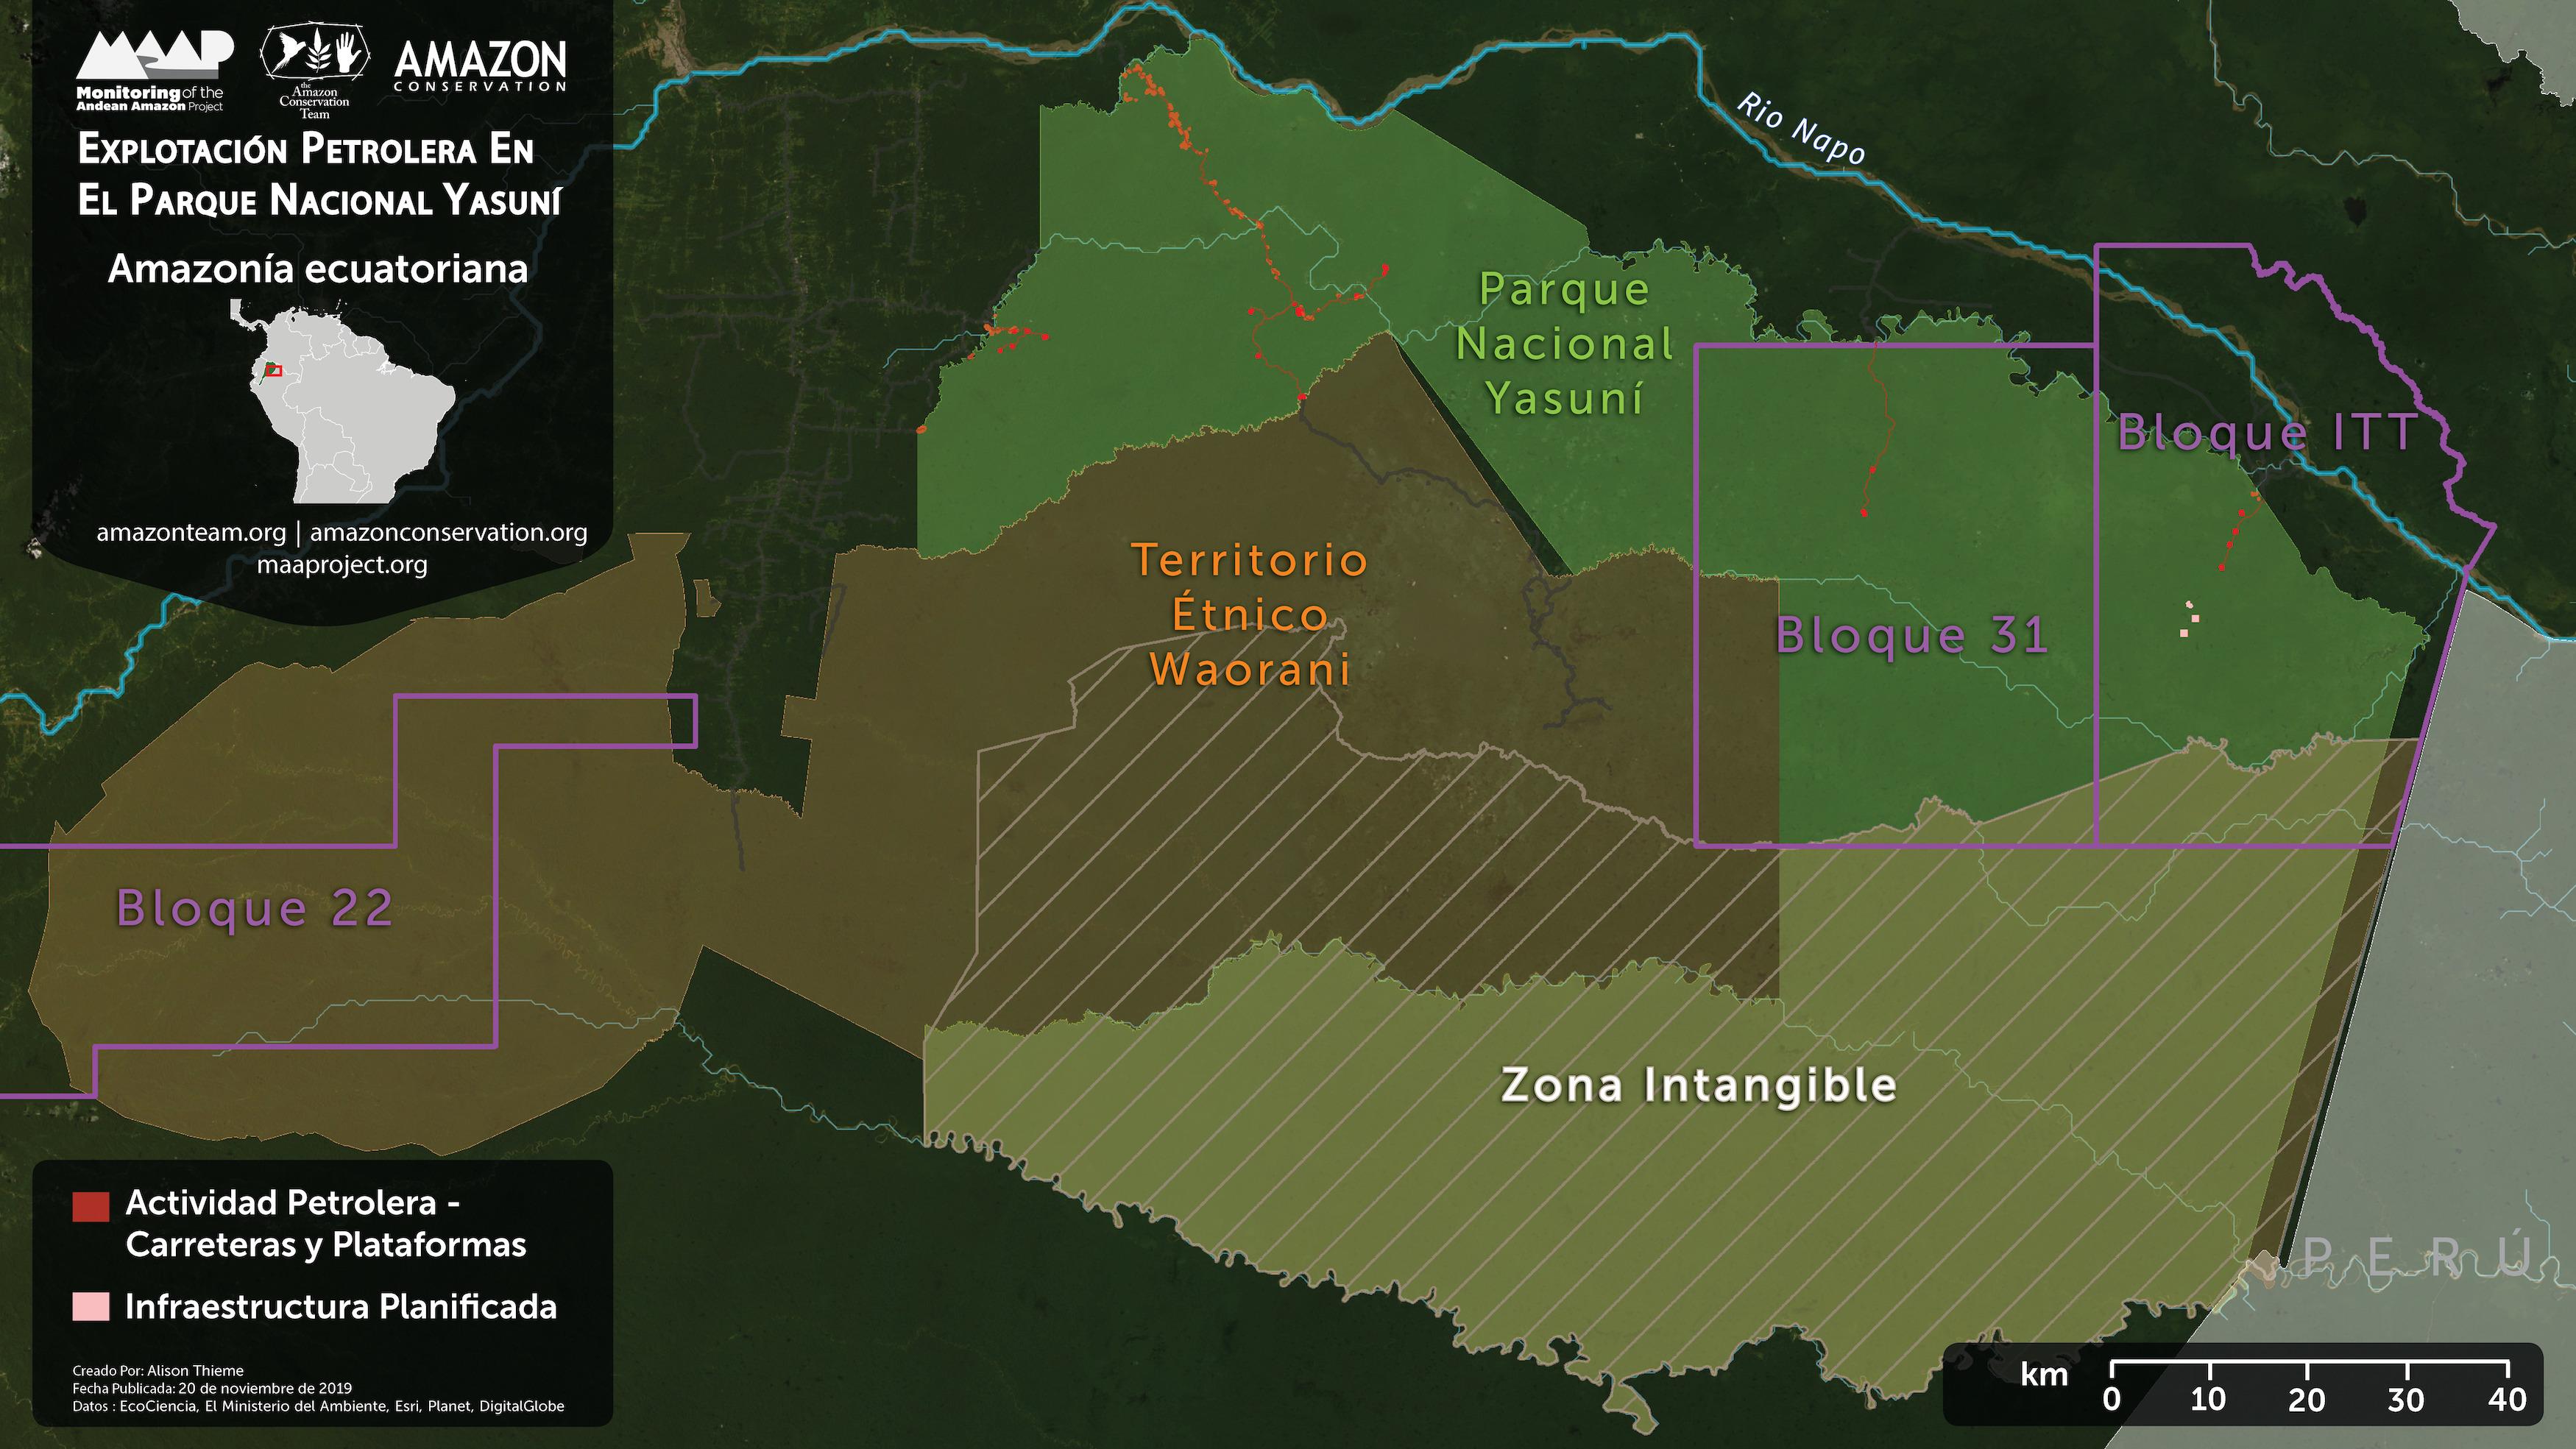 Petróleo en el Yasuní. Mapa Base. Explotación Petrolera en el Parque Nacional Yasuní. Datos: EcoCiencia, Ministerio del Ambiente, Esri, Planet, DigitalGlobe.